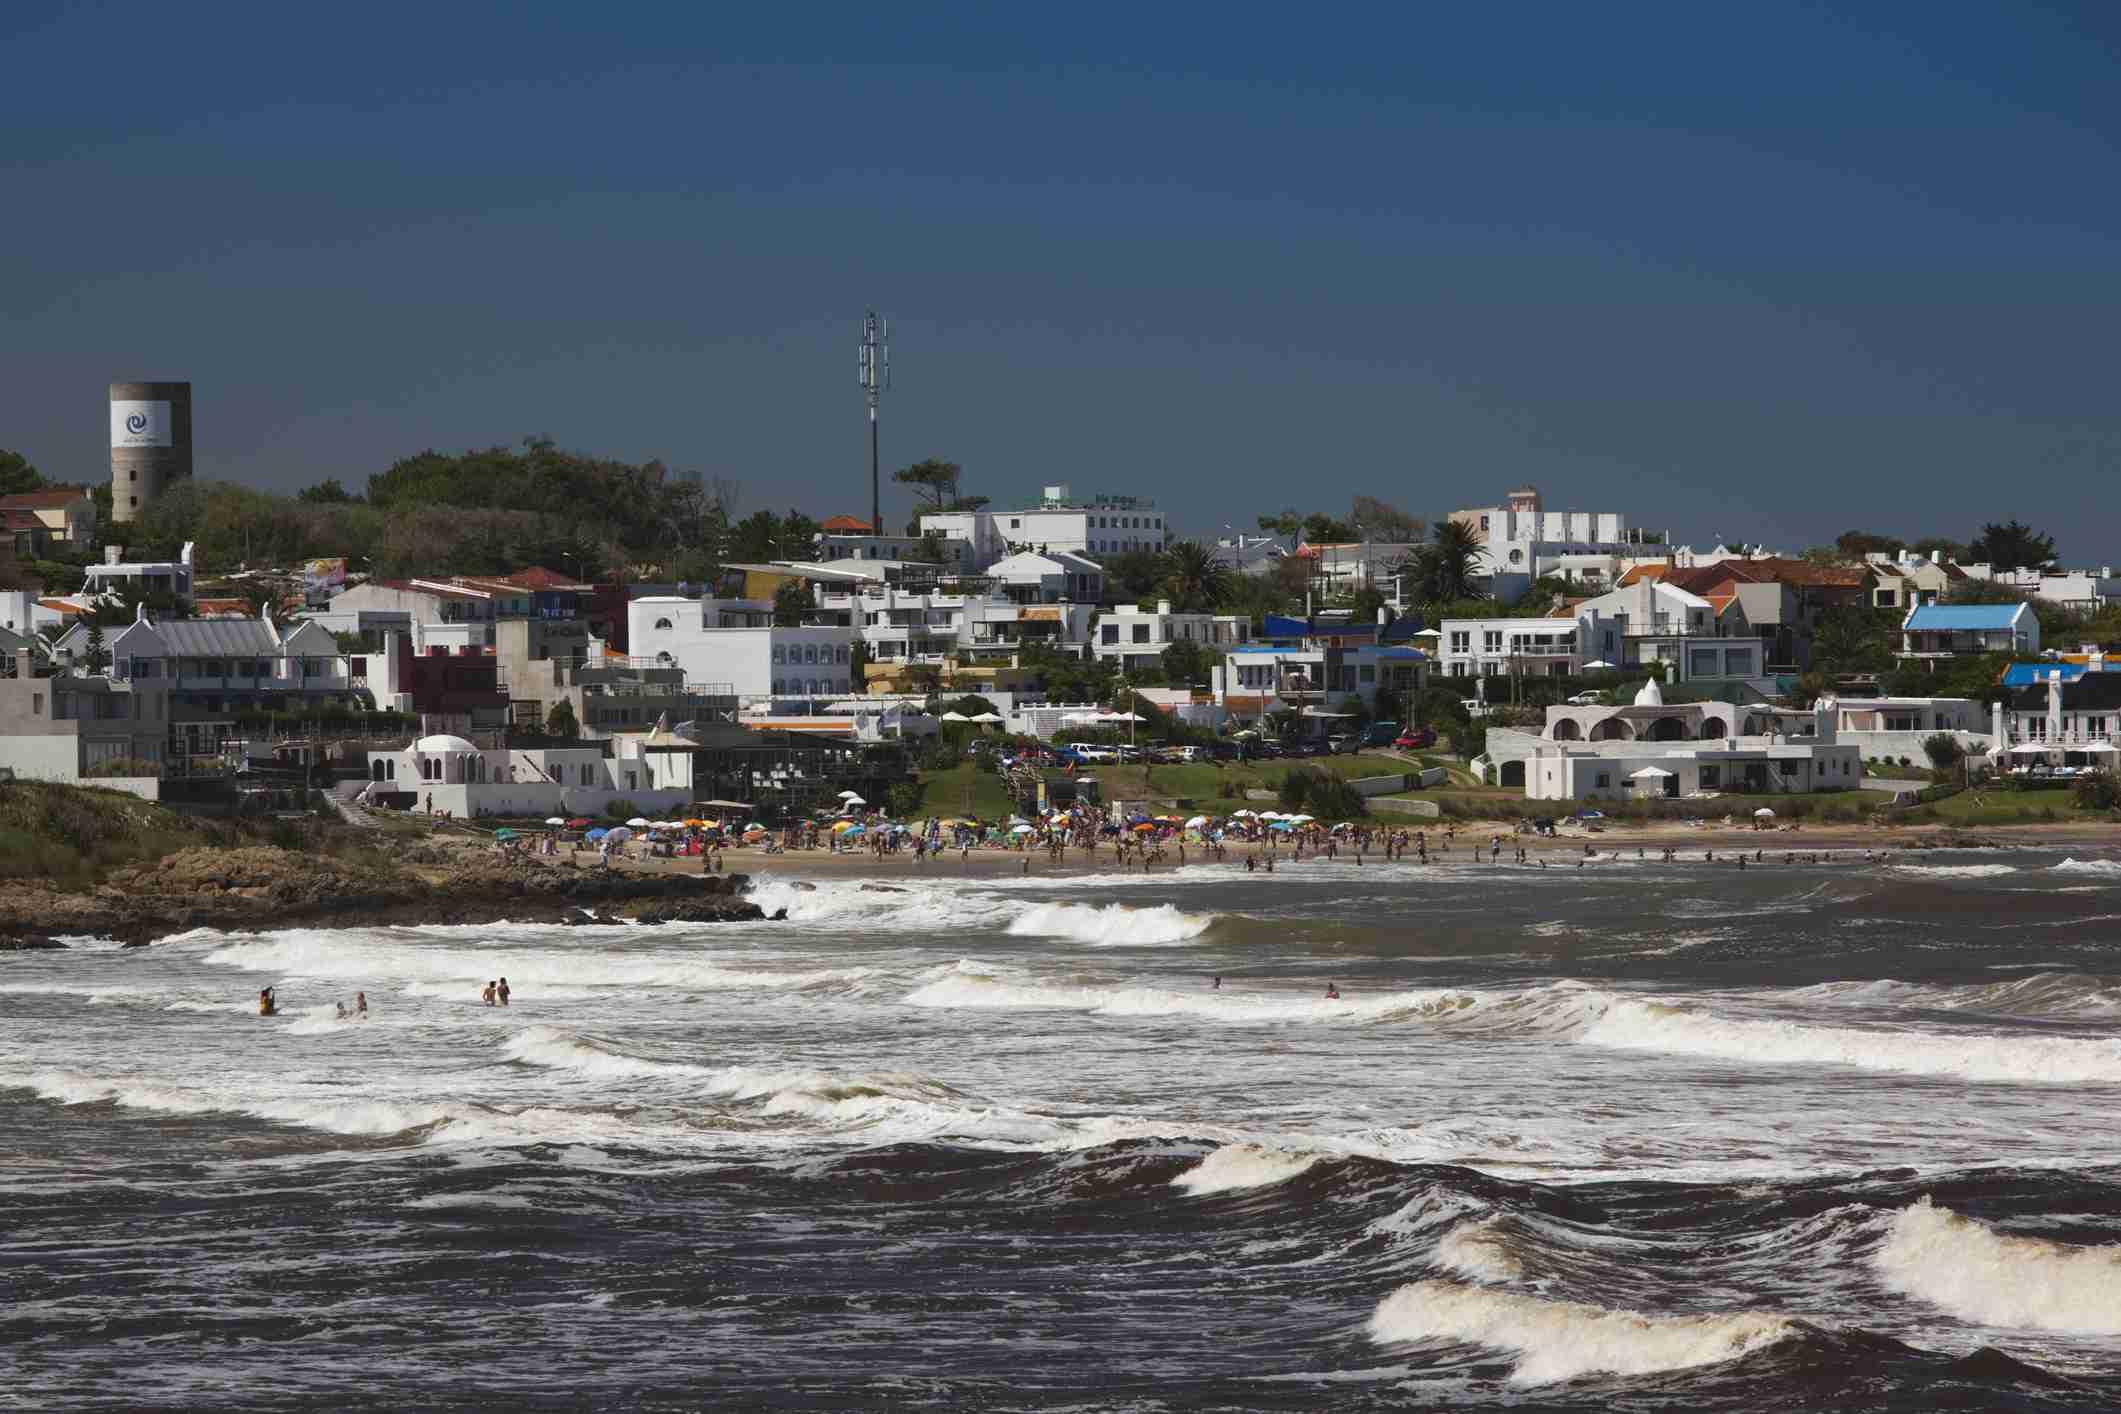 Playa La Boca beach, La Barra, Punta del Este, Uruguay, February 2009